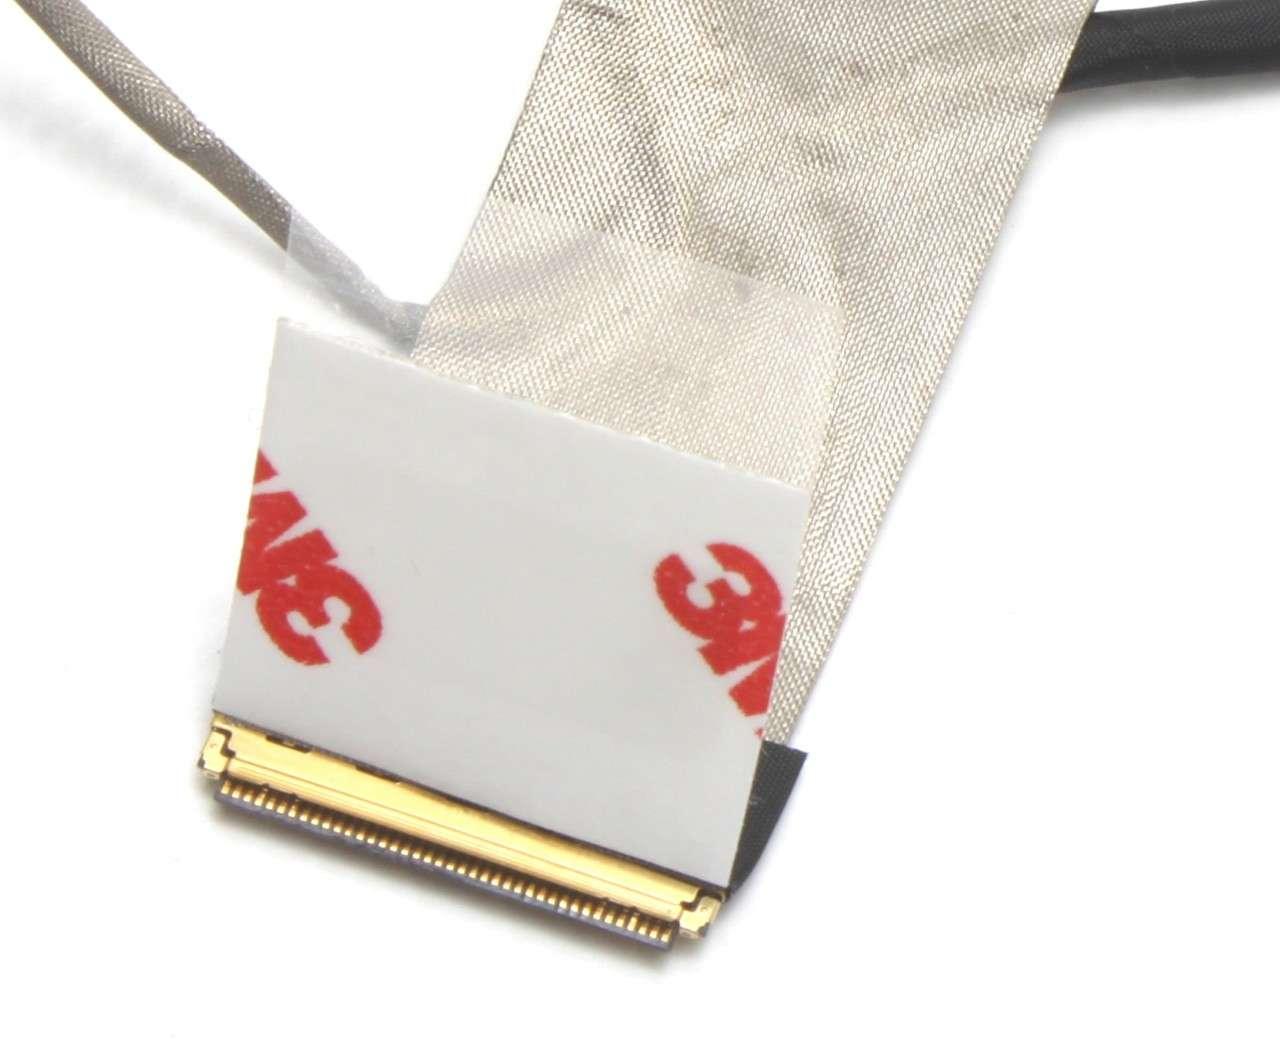 Cablu video LVDS Lenovo Z710 imagine powerlaptop.ro 2021